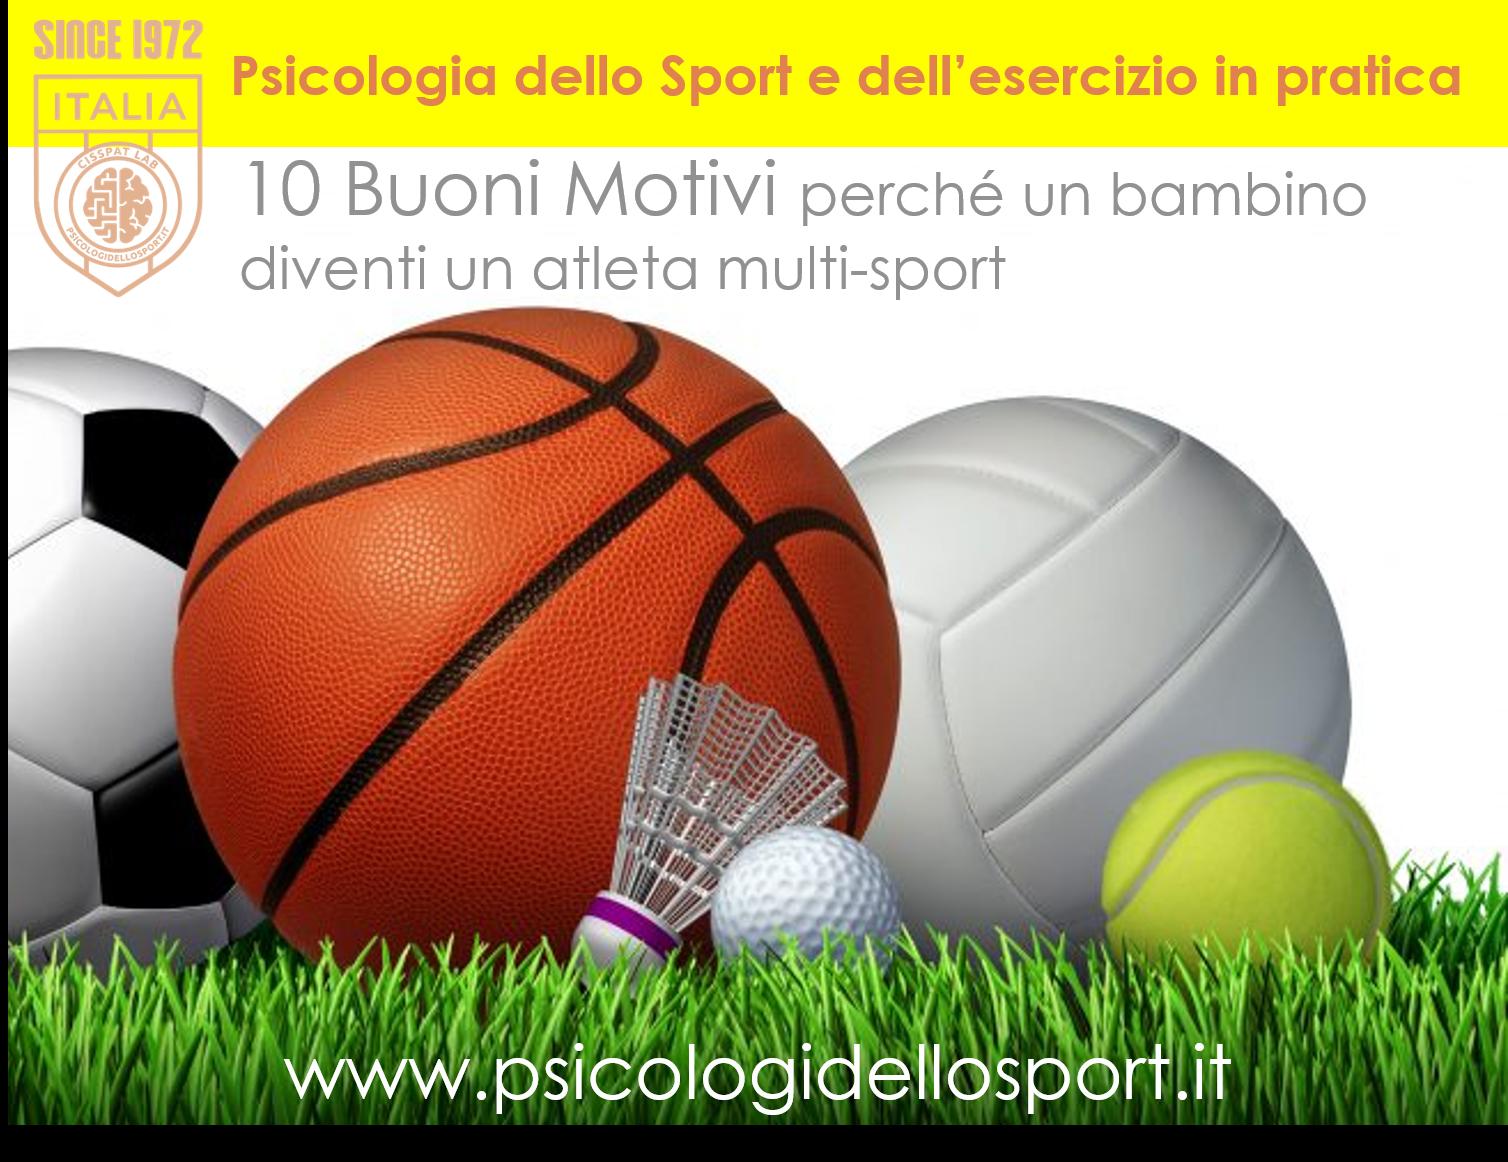 psicologidellosport.it 10 motivi